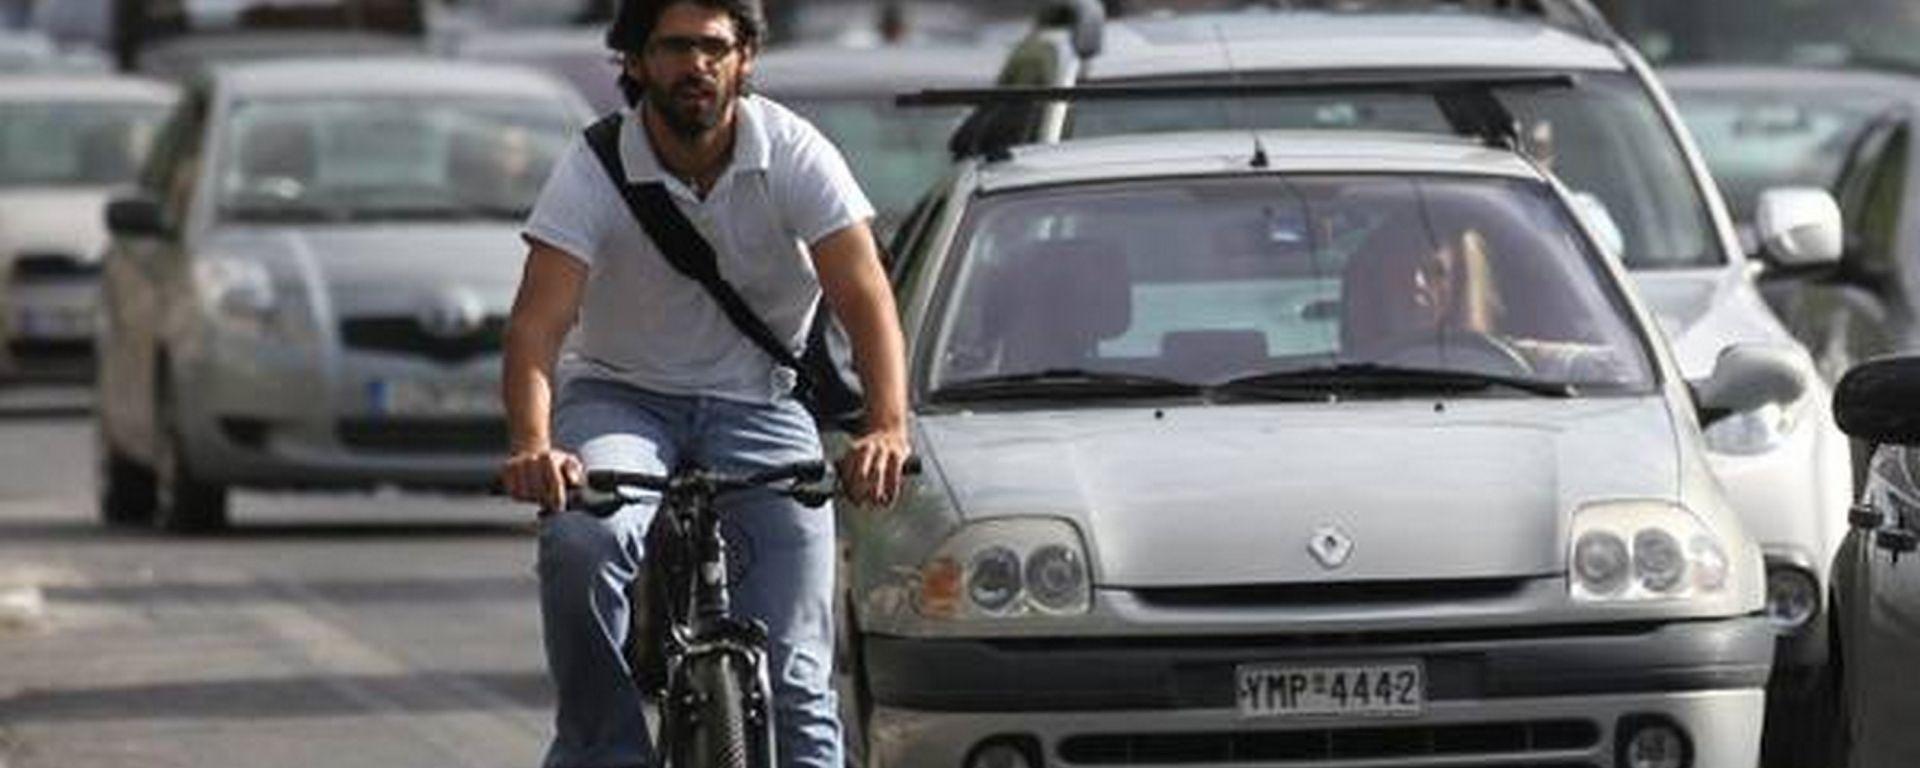 Anche chi va in bicicletta è soggetto alle norme del codice della strada